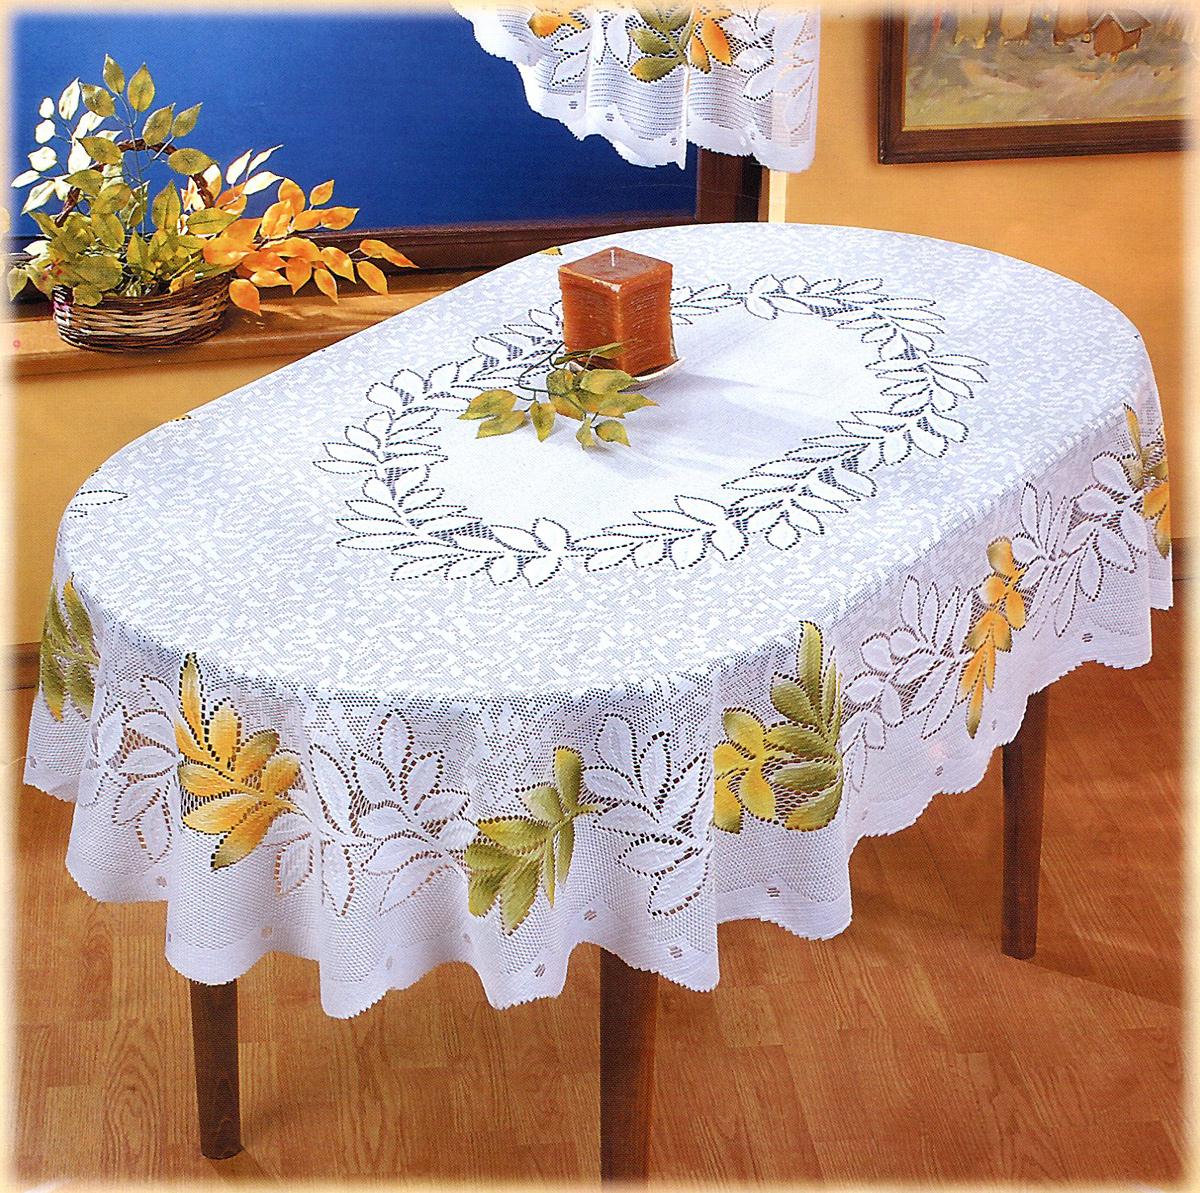 Скатерть Wisan Julian, овальная, цвет: белый, 140  x 210 см скатерть овальная 220х150см цвет бежевый